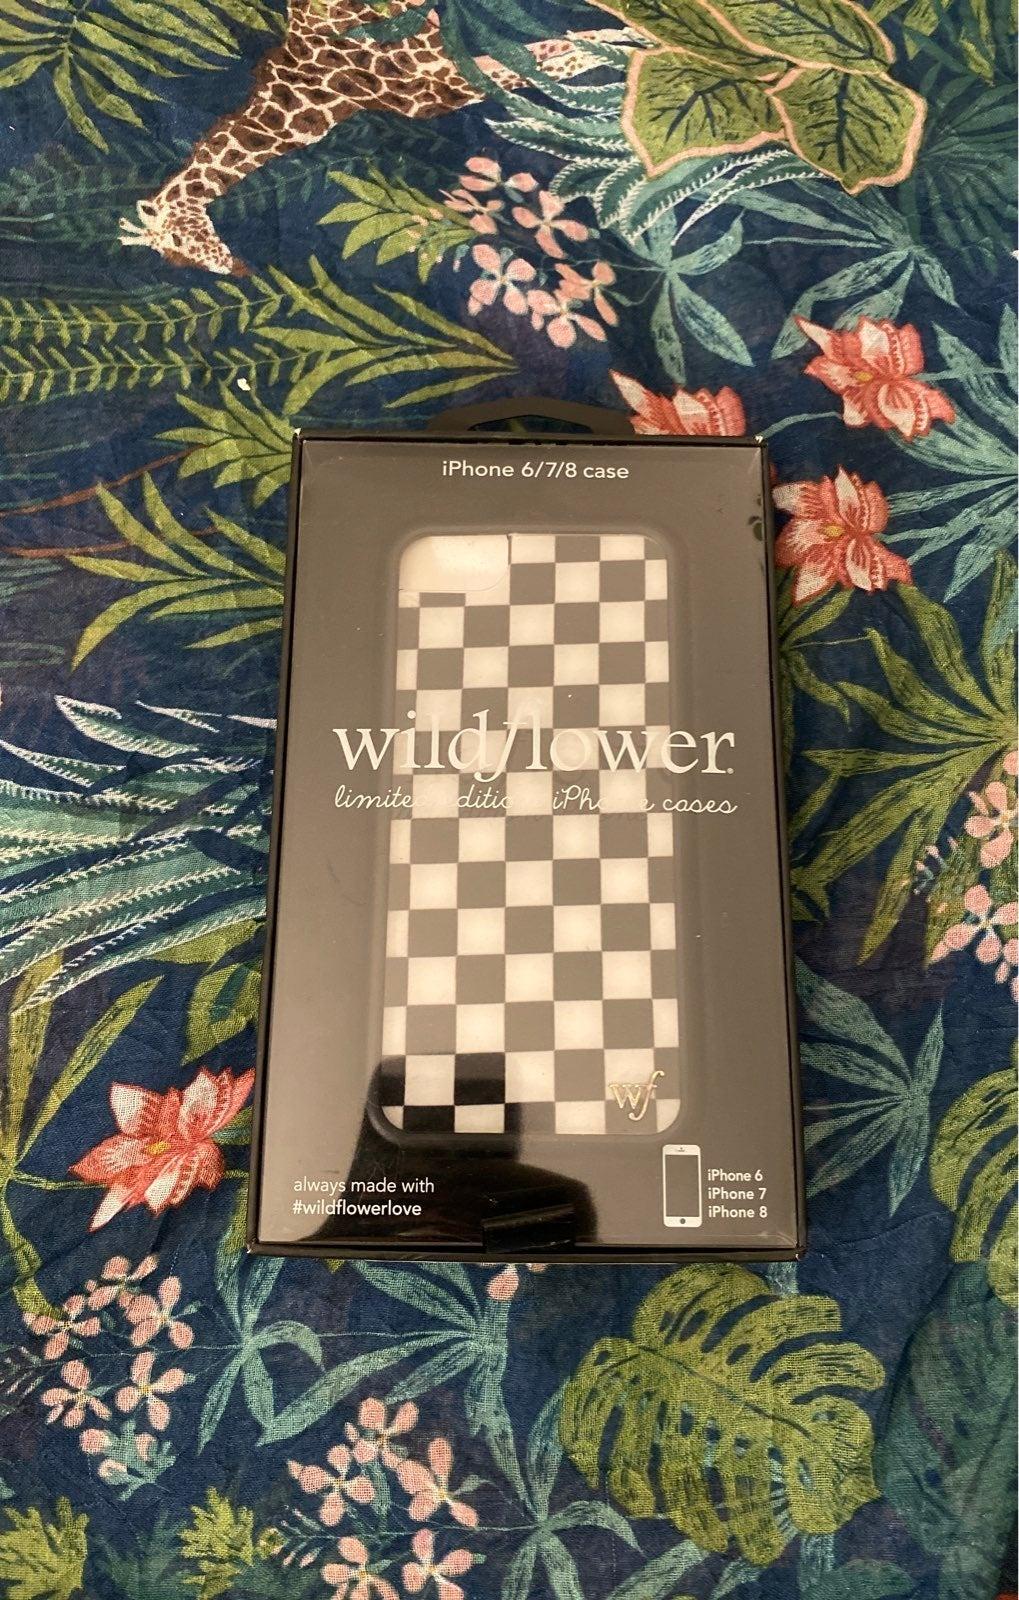 wildflower case iphone 6 7 8